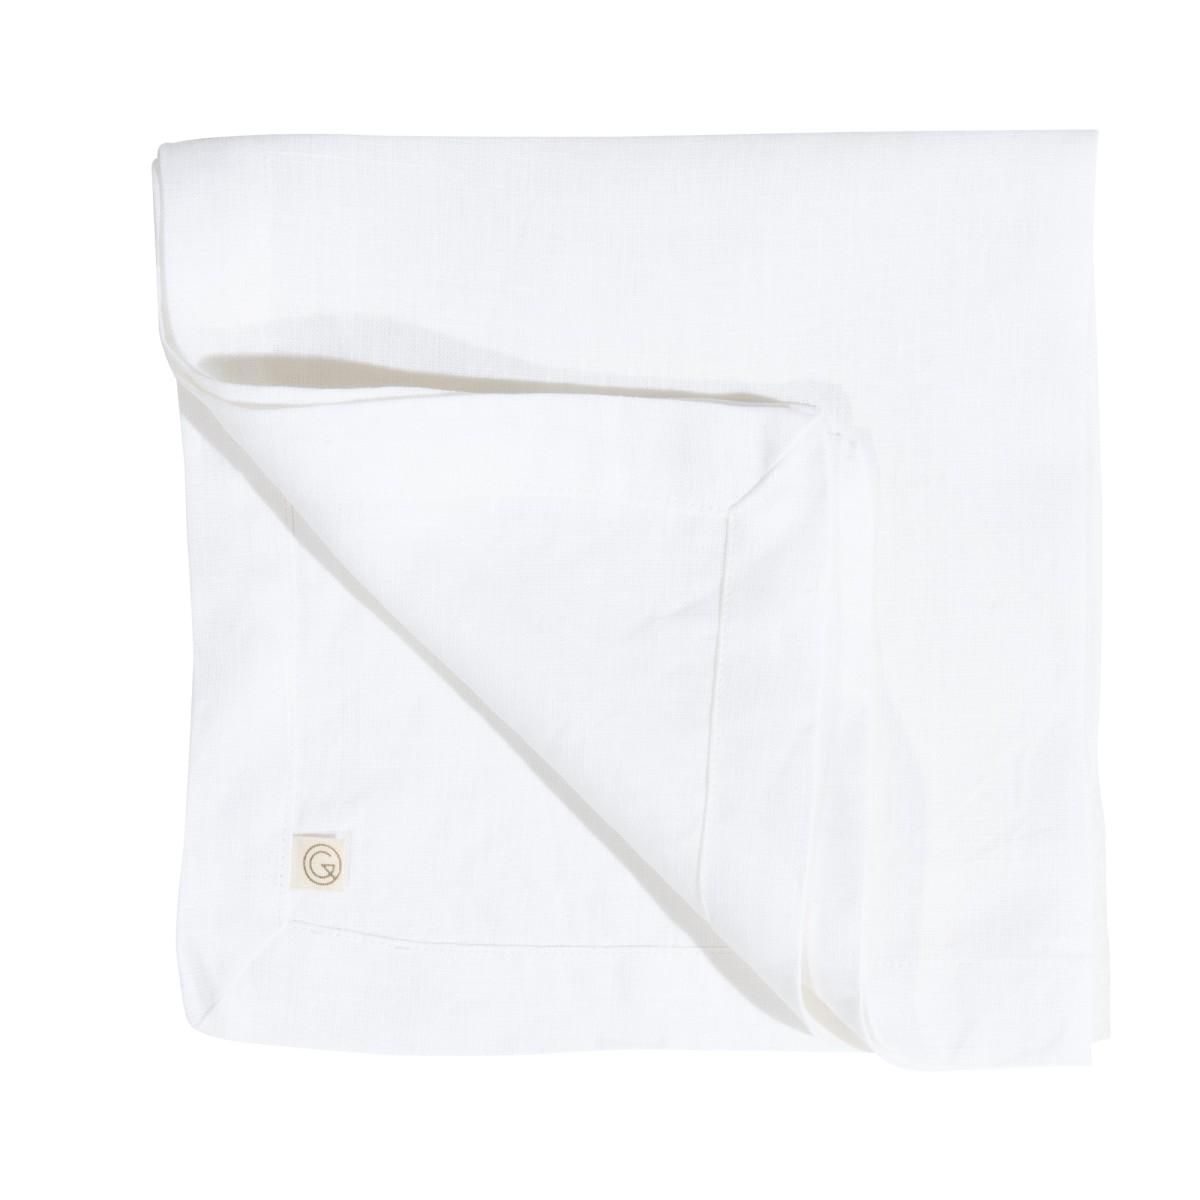 Serviette en lin lavé blanc 45x45